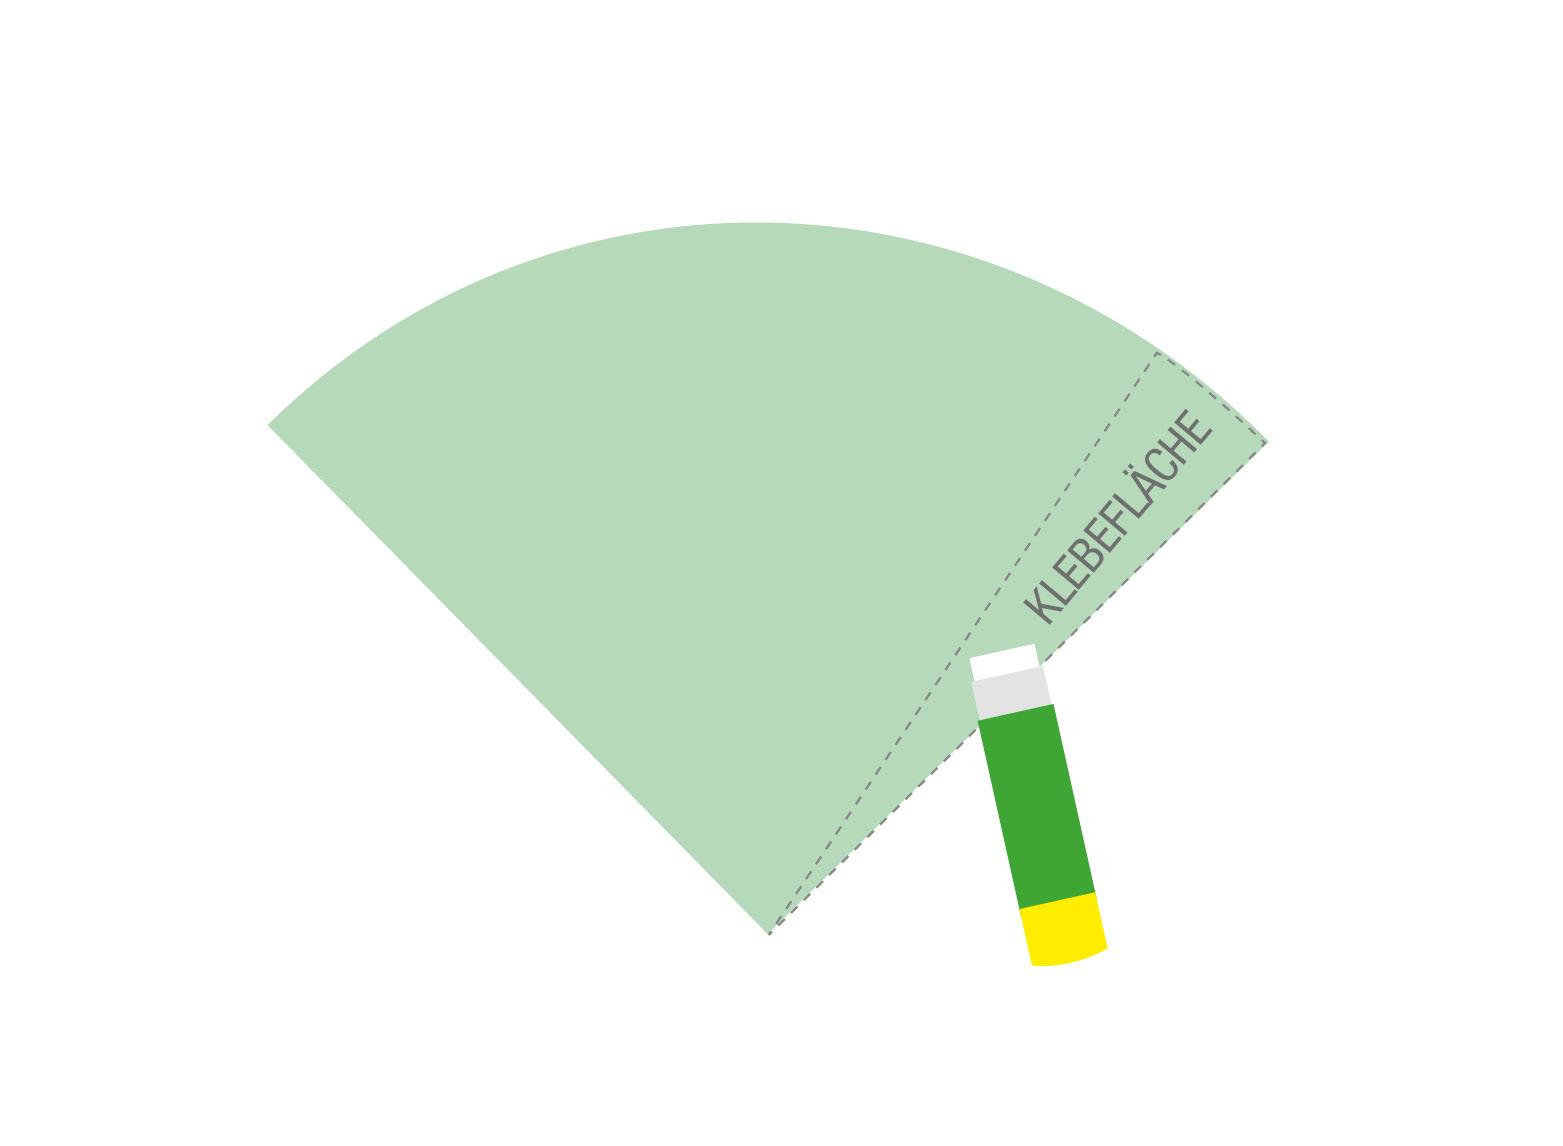 Schritt 3: Tragen Sie an der langen Seite der Form einen starken Kleber auf. Achten Sie darauf, dass der Klebestreifen nicht zu breit wird, sonst wird der Kegel später sehr dünn.